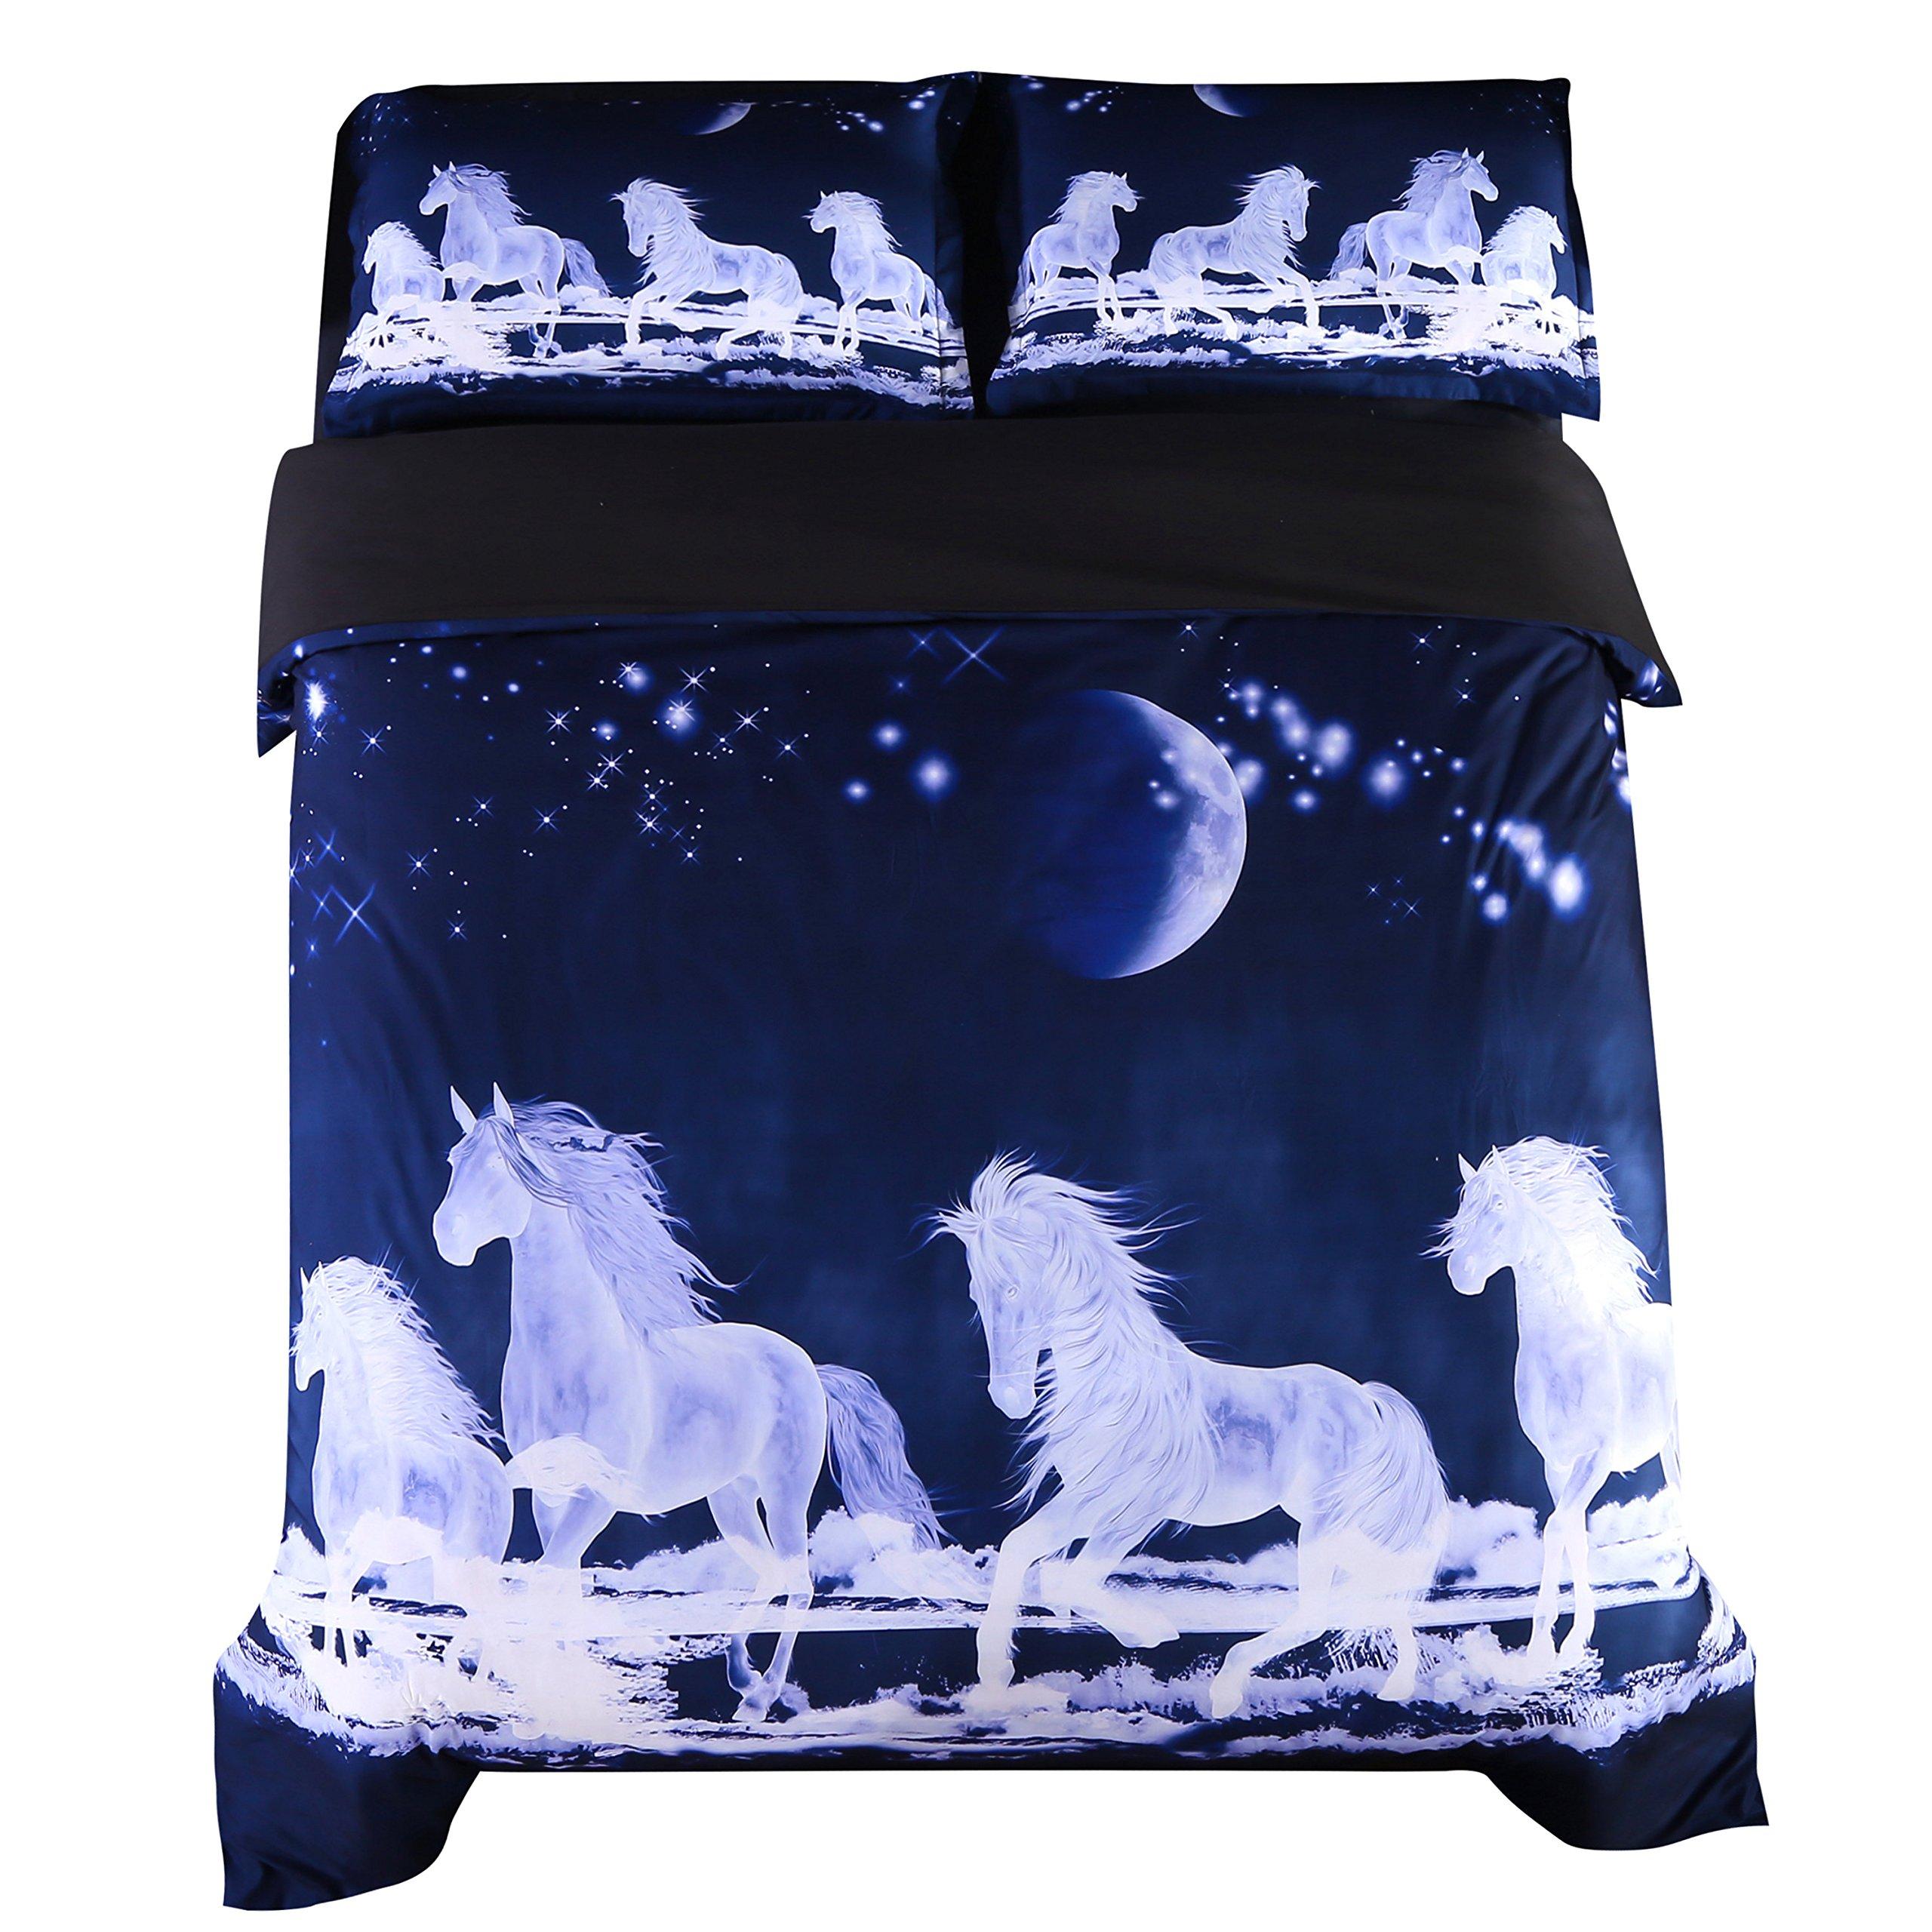 Beddinginn White Horse Bedding 3d Blue Horse Running Duvet Cover Set Moon Print Bed Cover Set No Comforter(Full)